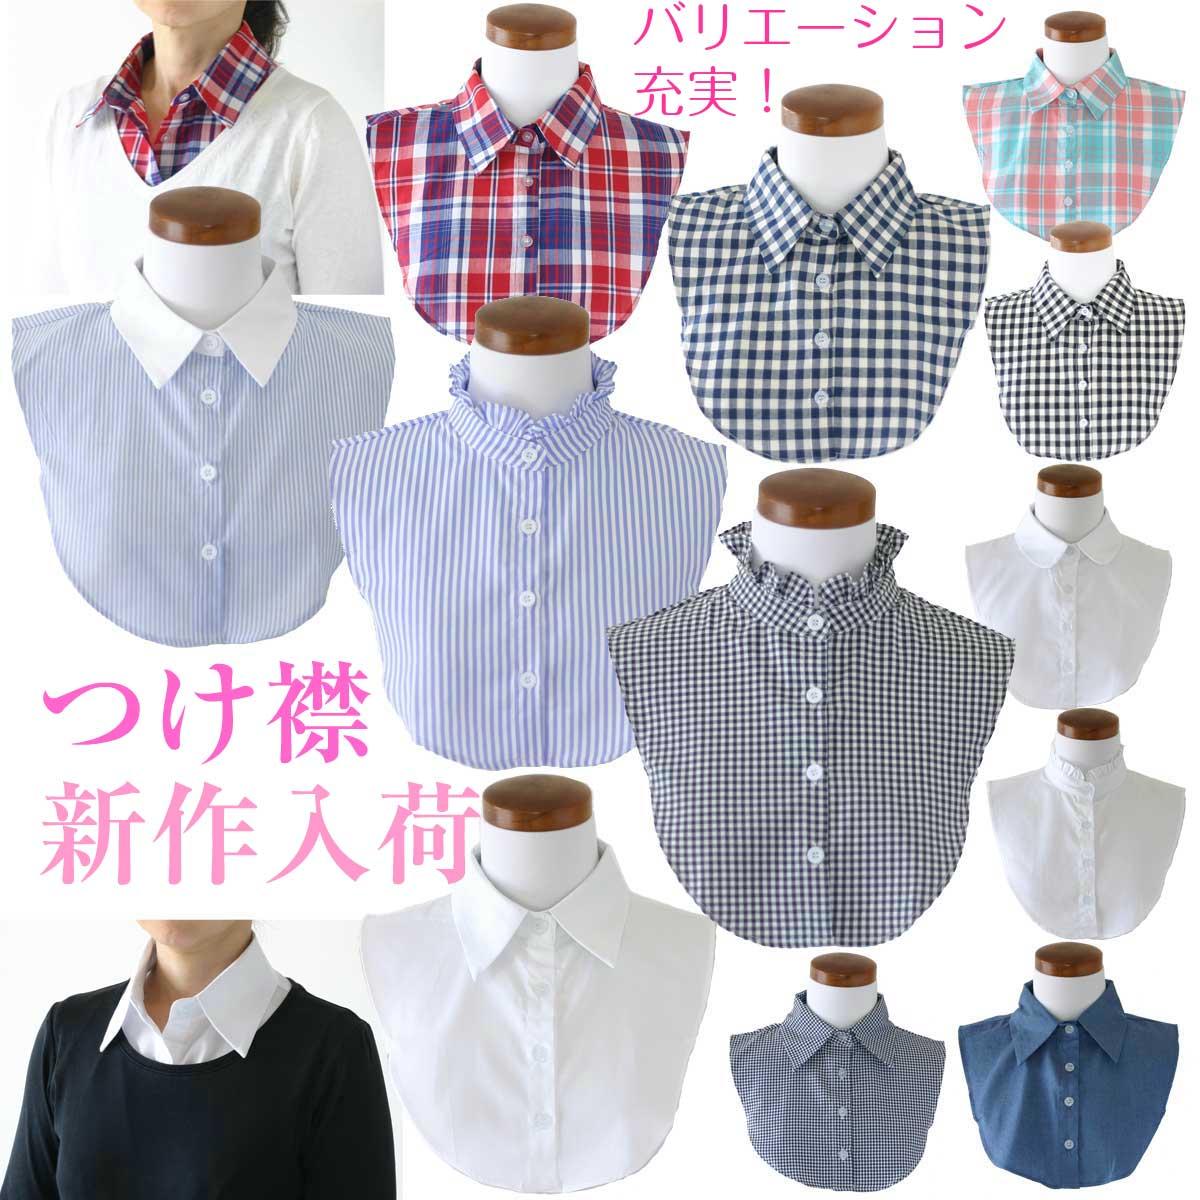 つけ襟 付け襟 つけ衿 つけえり レディース シャツ 新色追加!